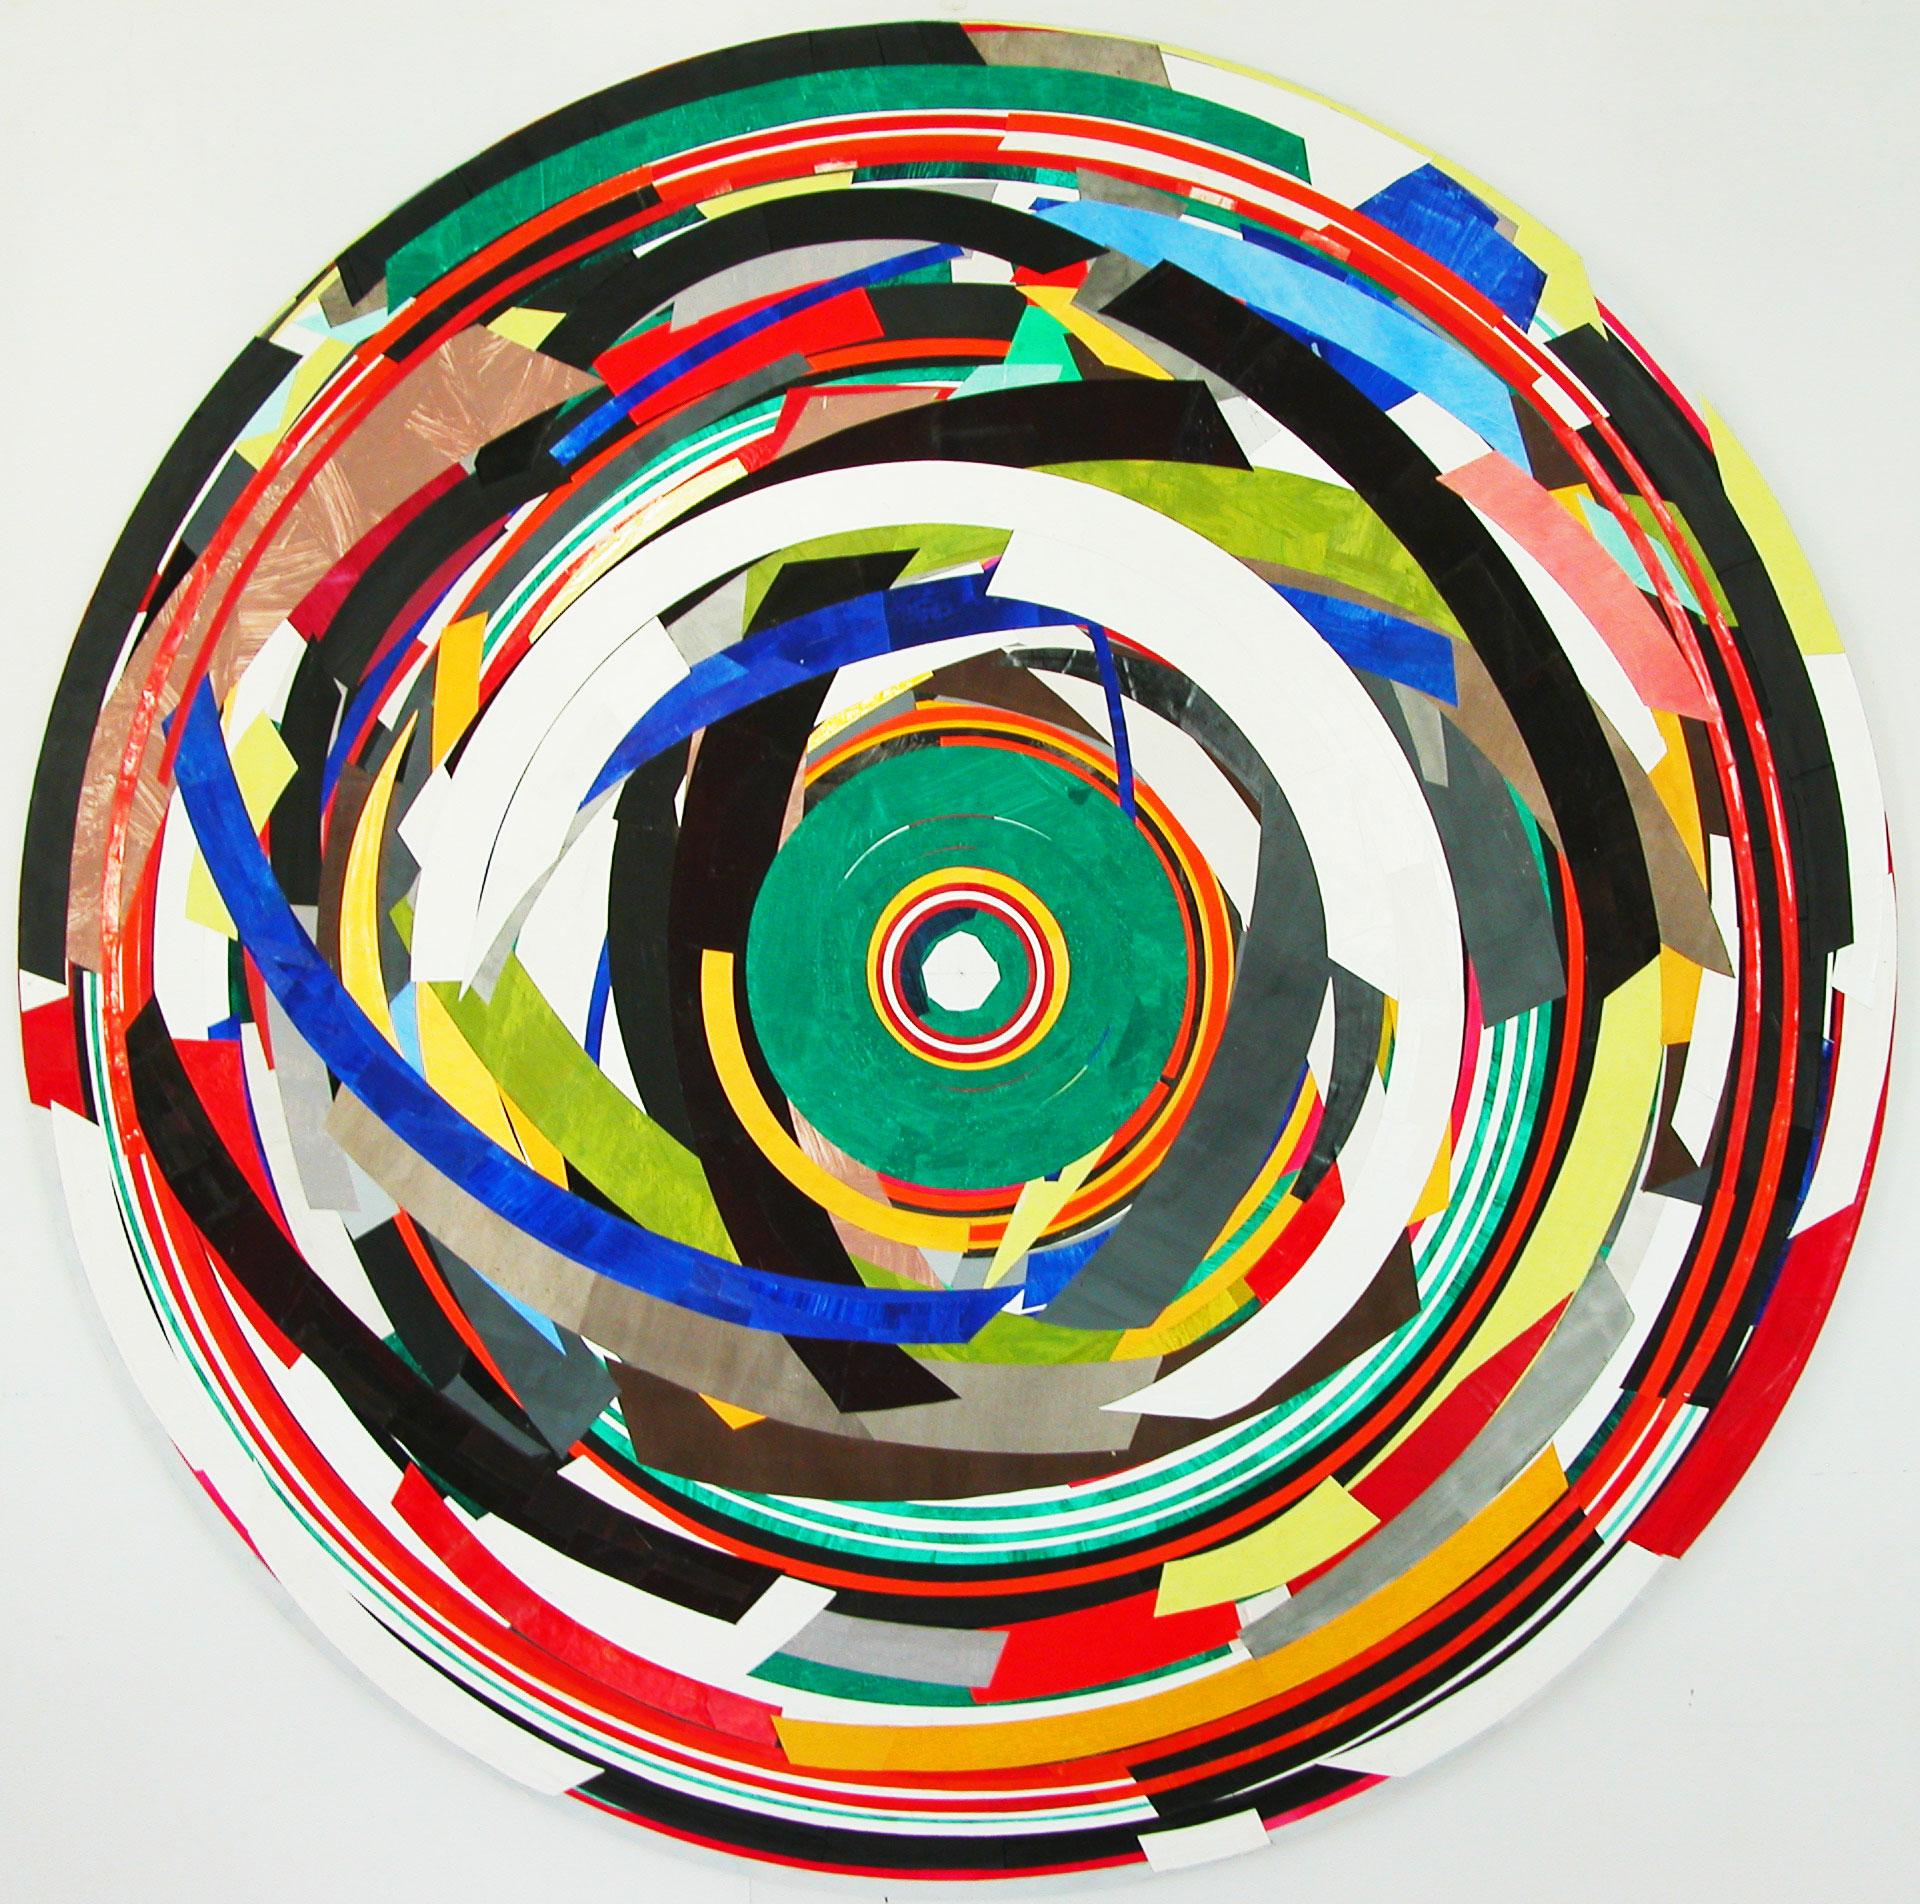 Herwig Steiner (1956L), Postattrappe S/2007/2009/063a-8890, 2019, Collage, Ø ca. 197cm